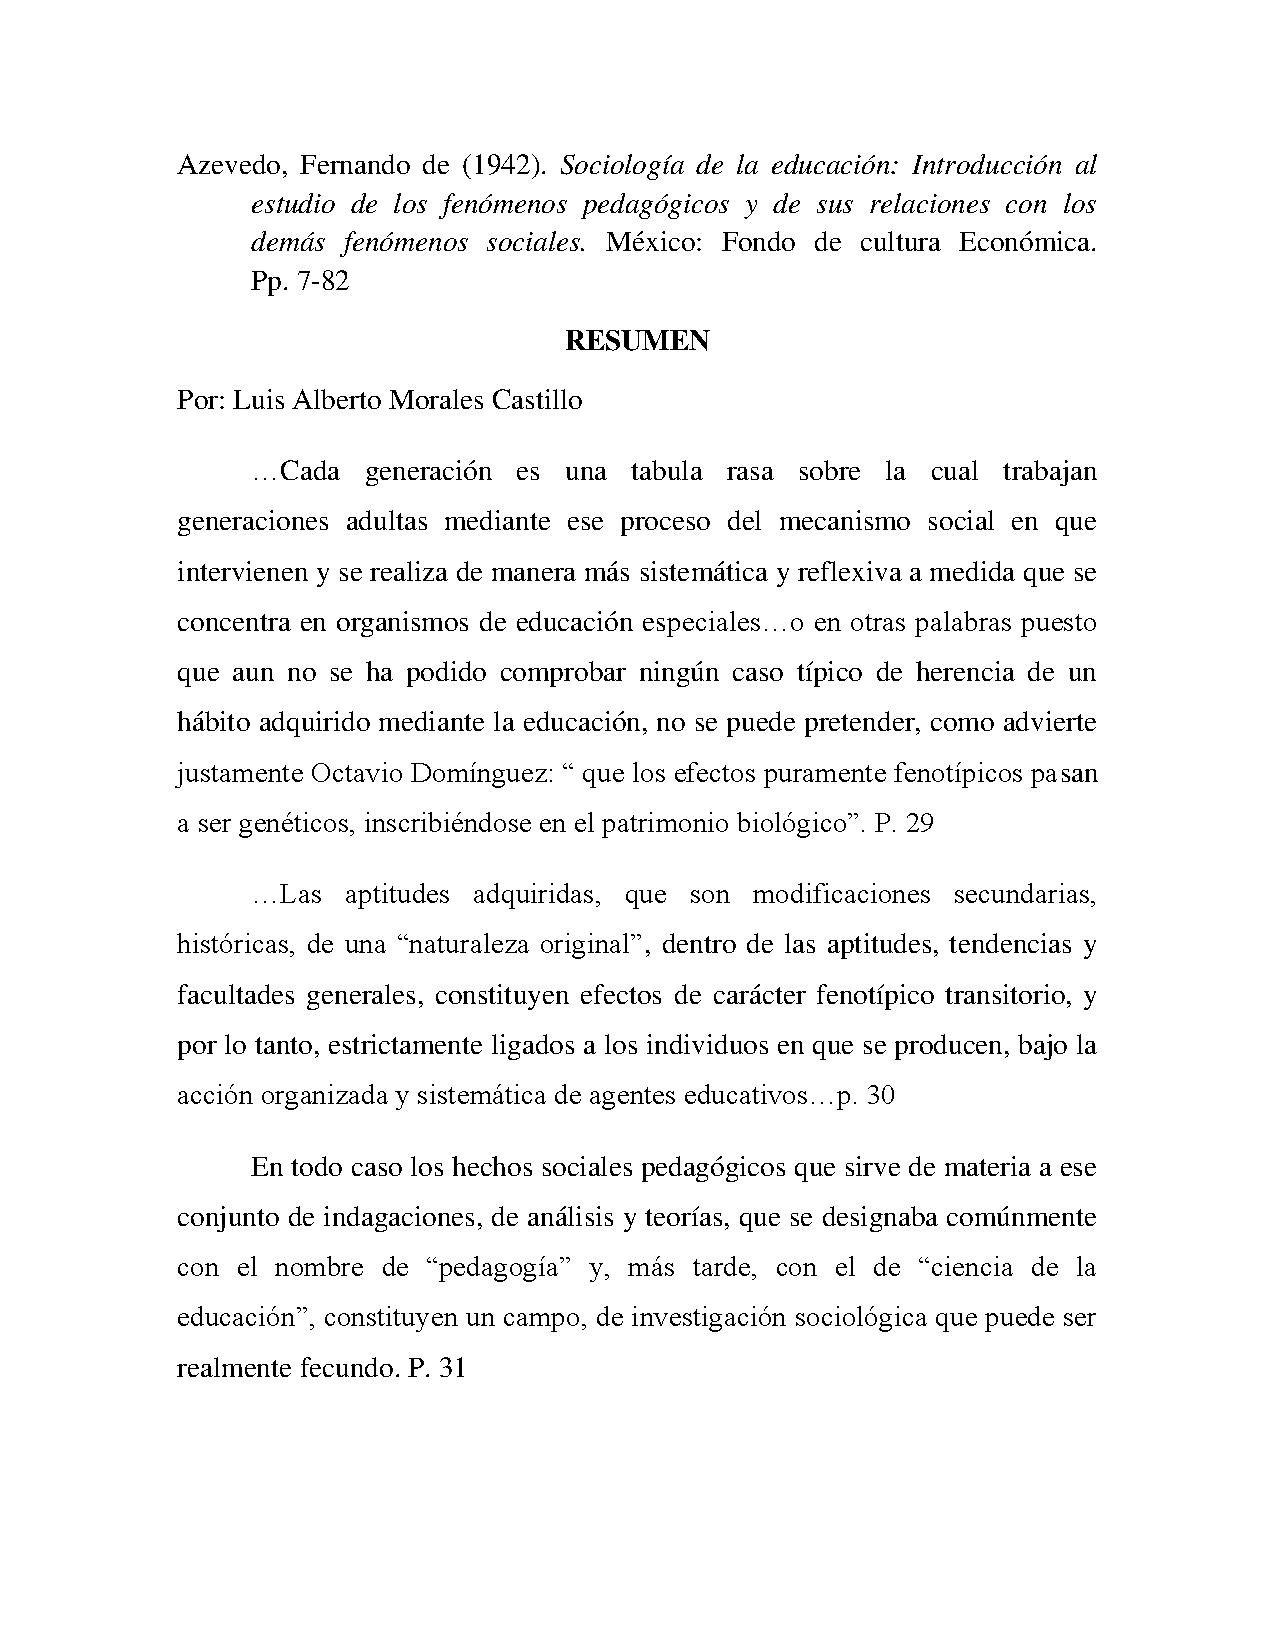 File:Sociologa de la educacin Introduccin al estudio de los ...